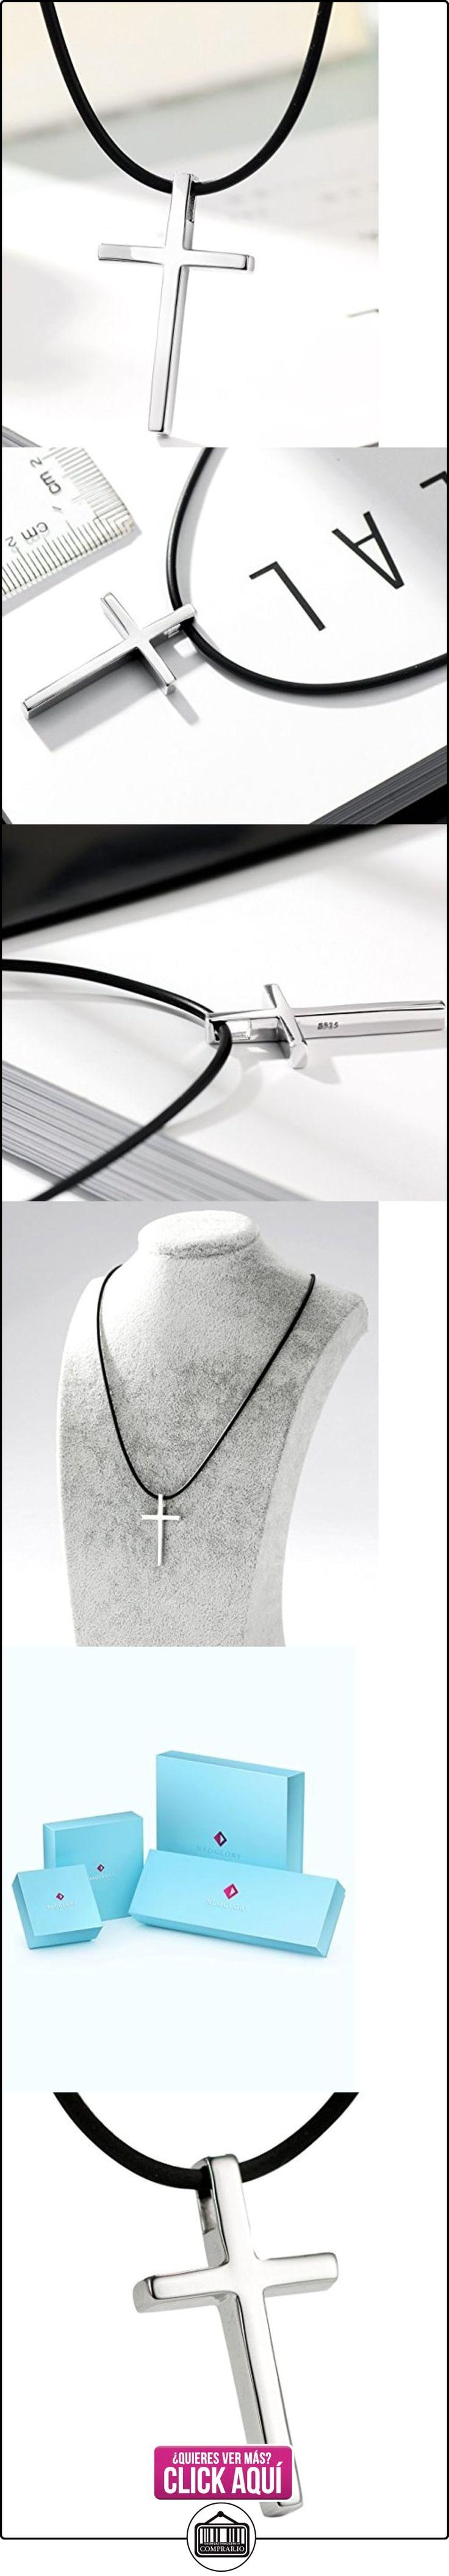 NEOGLORY Collar Colgante de Cruz Plata de Ley con Negra Cadena de Caucho Joya Regalo Hombres Mujeres  ✿ Joyas para mujer - Las mejores ofertas ✿ ▬► Ver oferta: http://comprar.io/goto/B01E9ZTQ9C